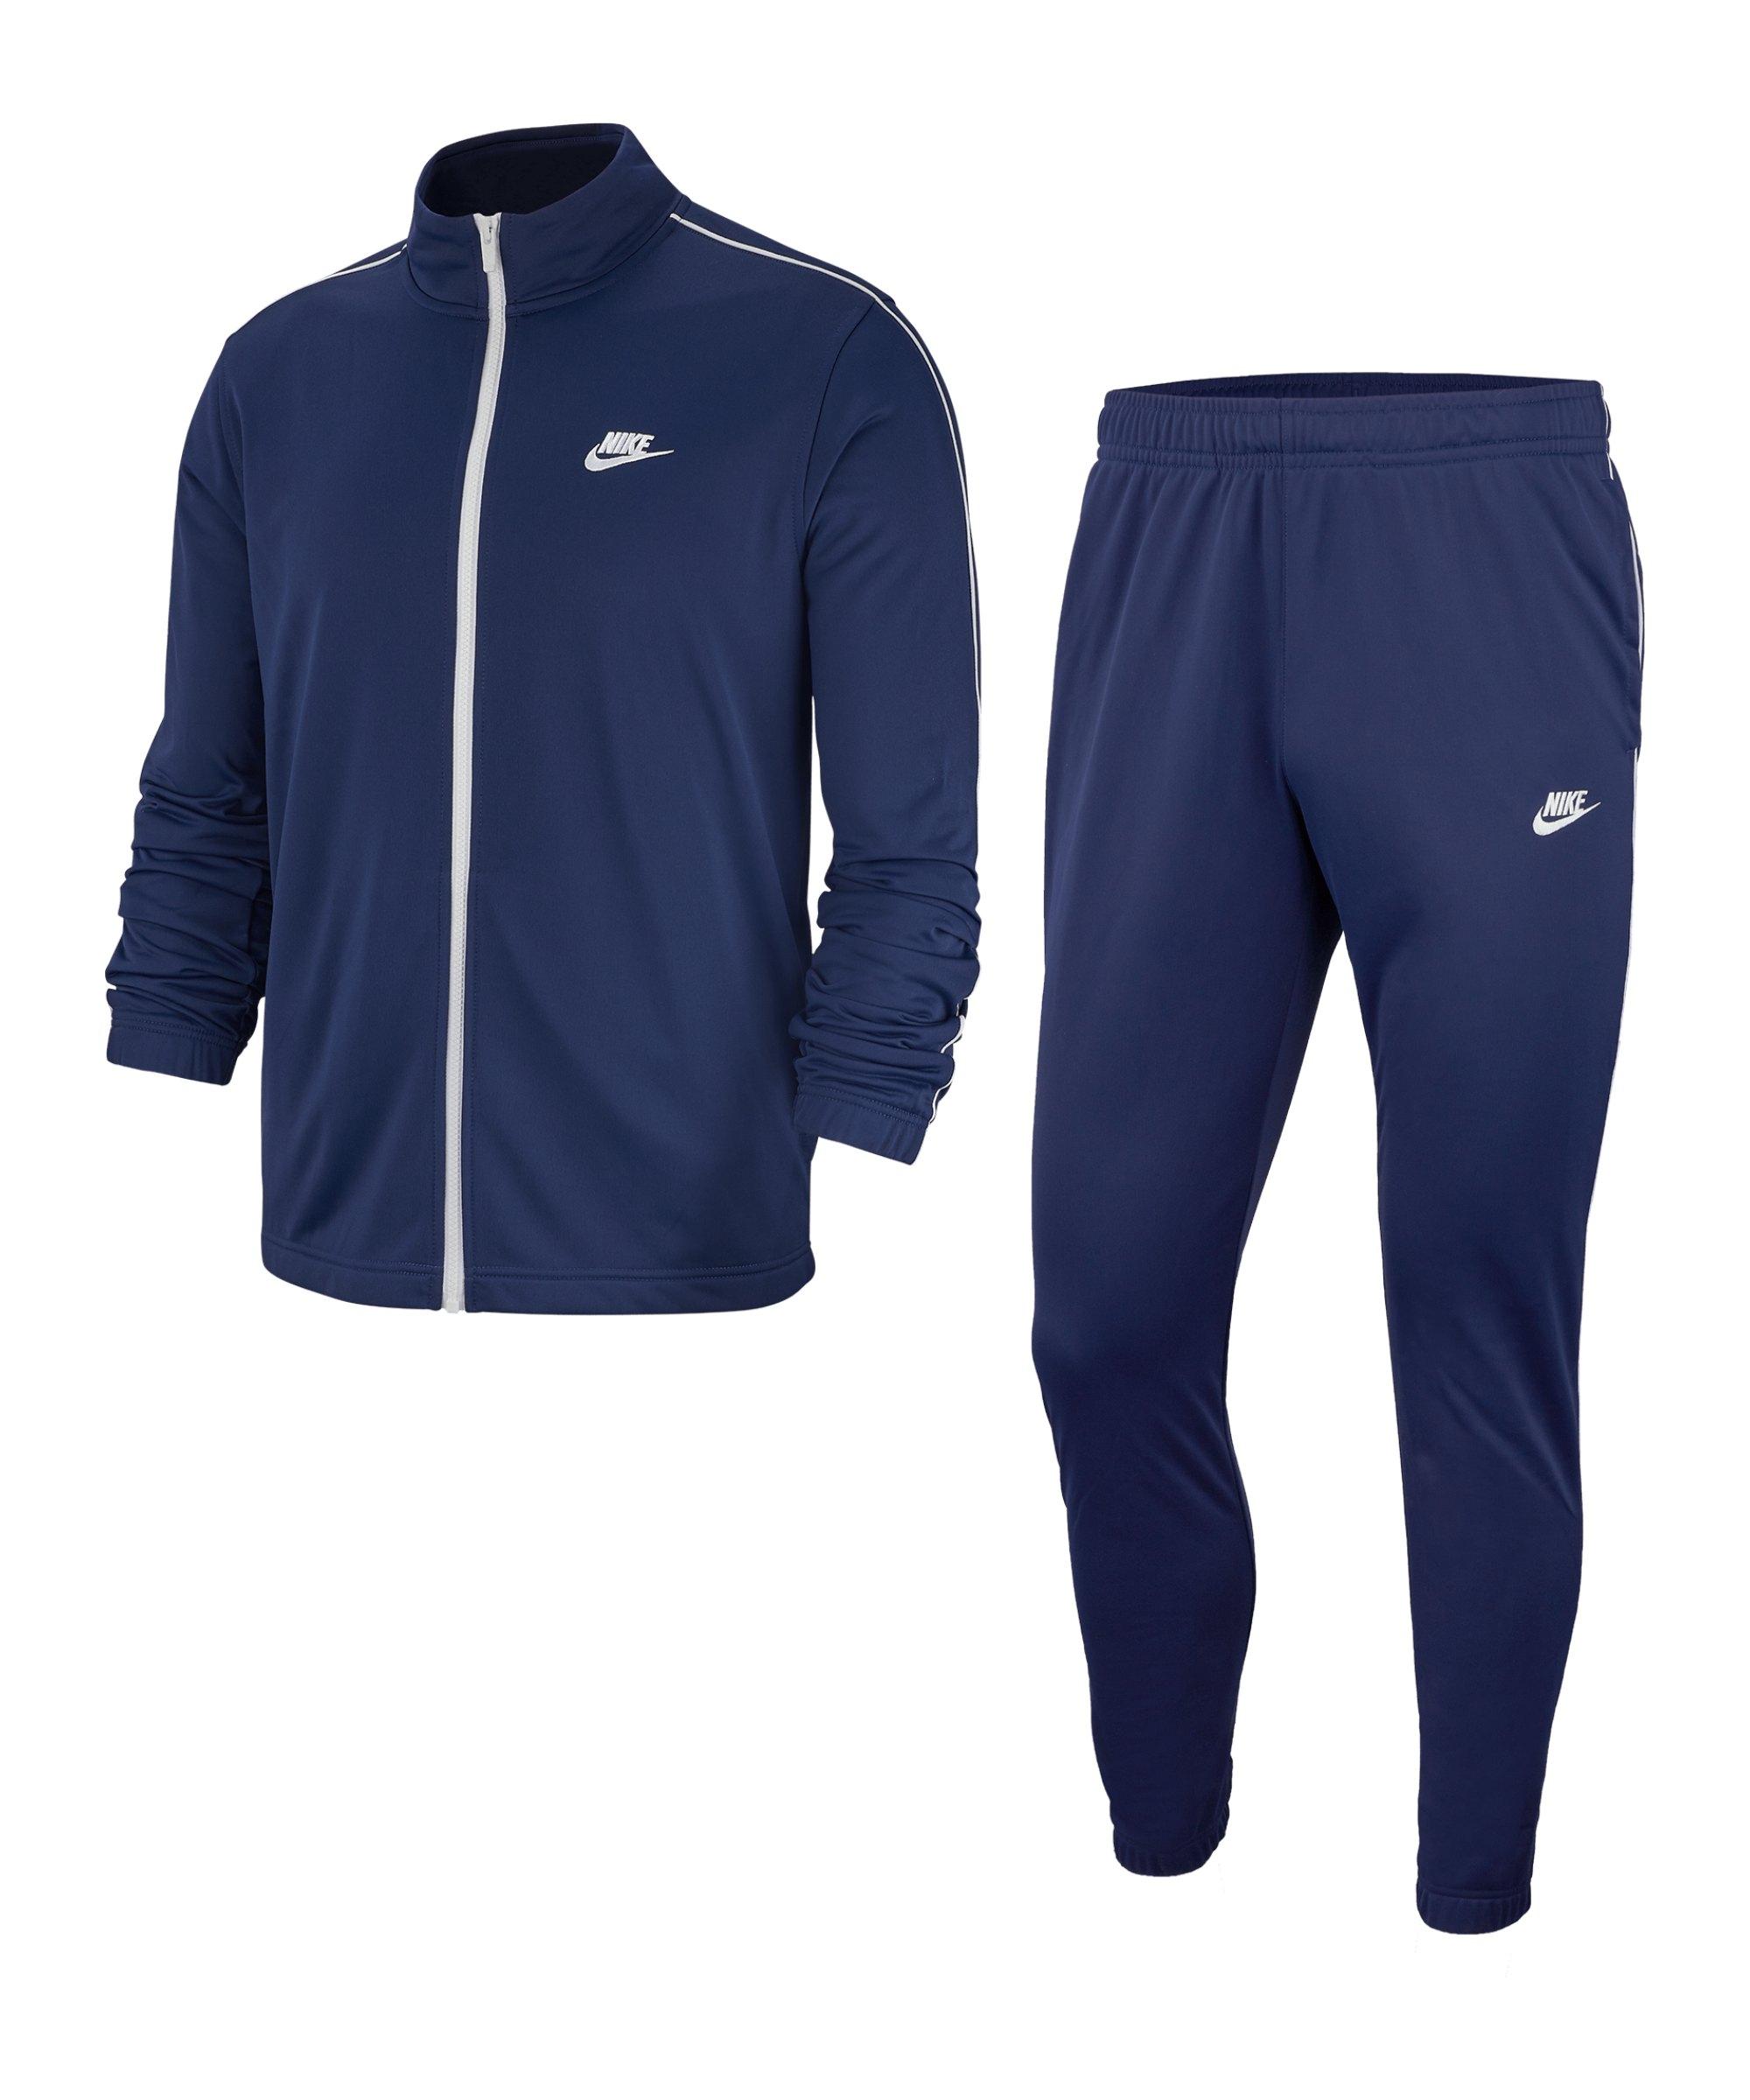 Freizeitanzug Herren Nike